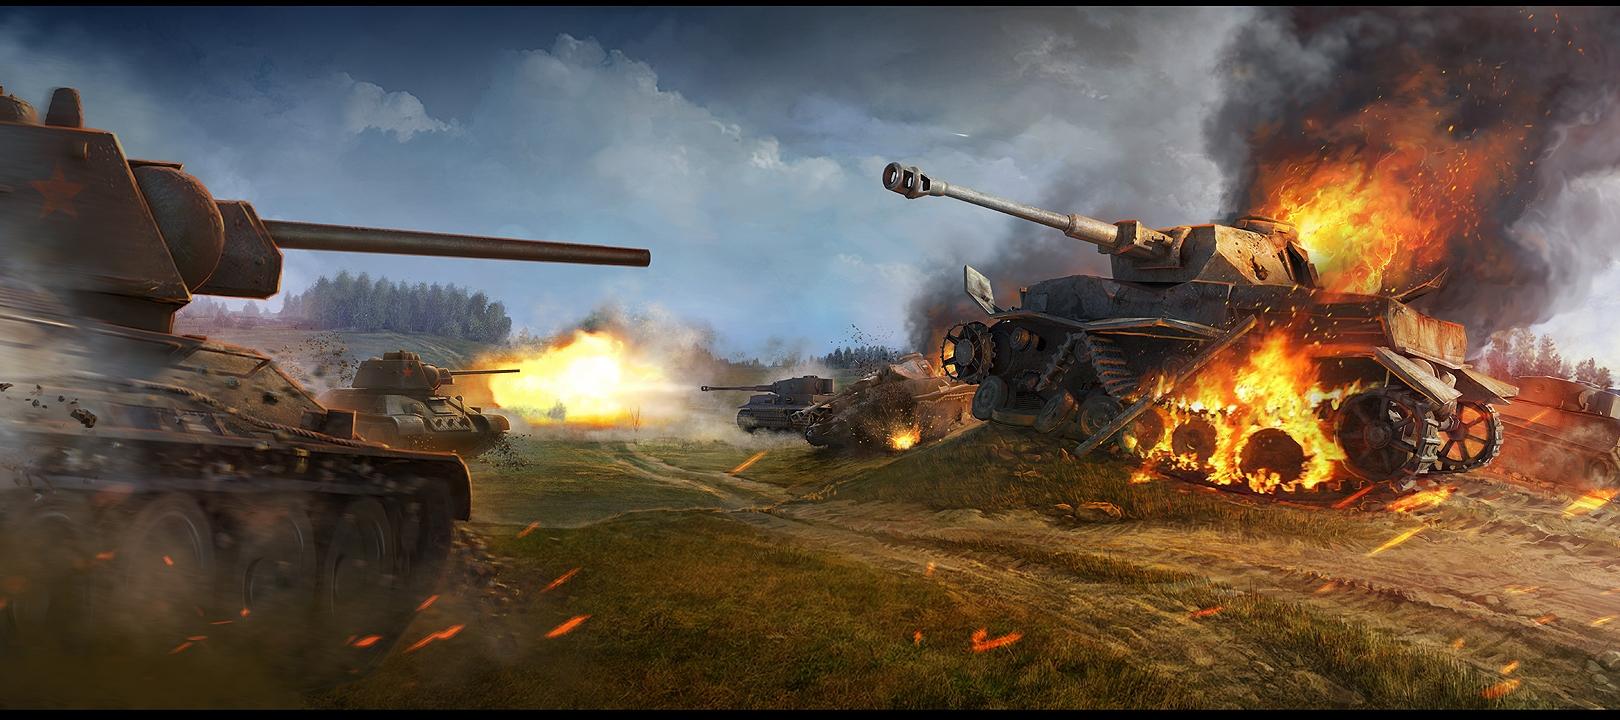 картинки танковые бои метод приготовления